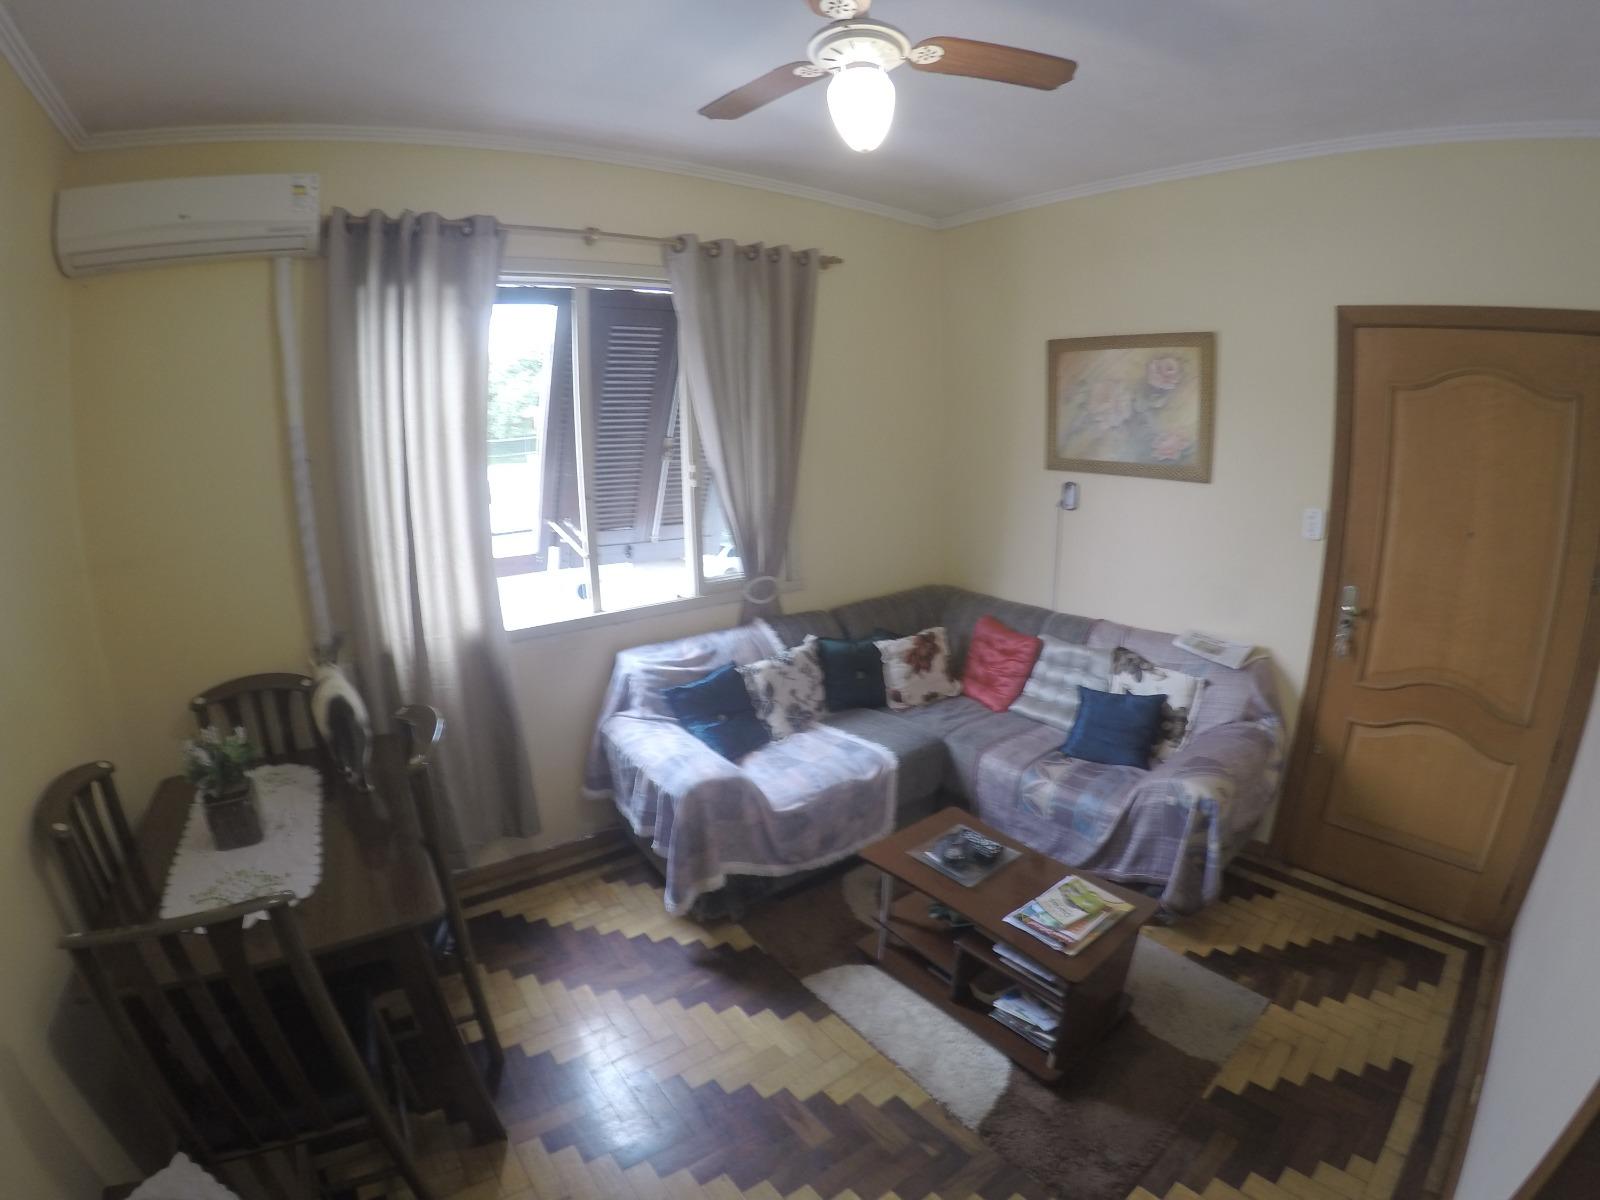 Residencial Canoas - Apto 2 Dorm, Marechal Rondon, Canoas (BD3211) - Foto 2